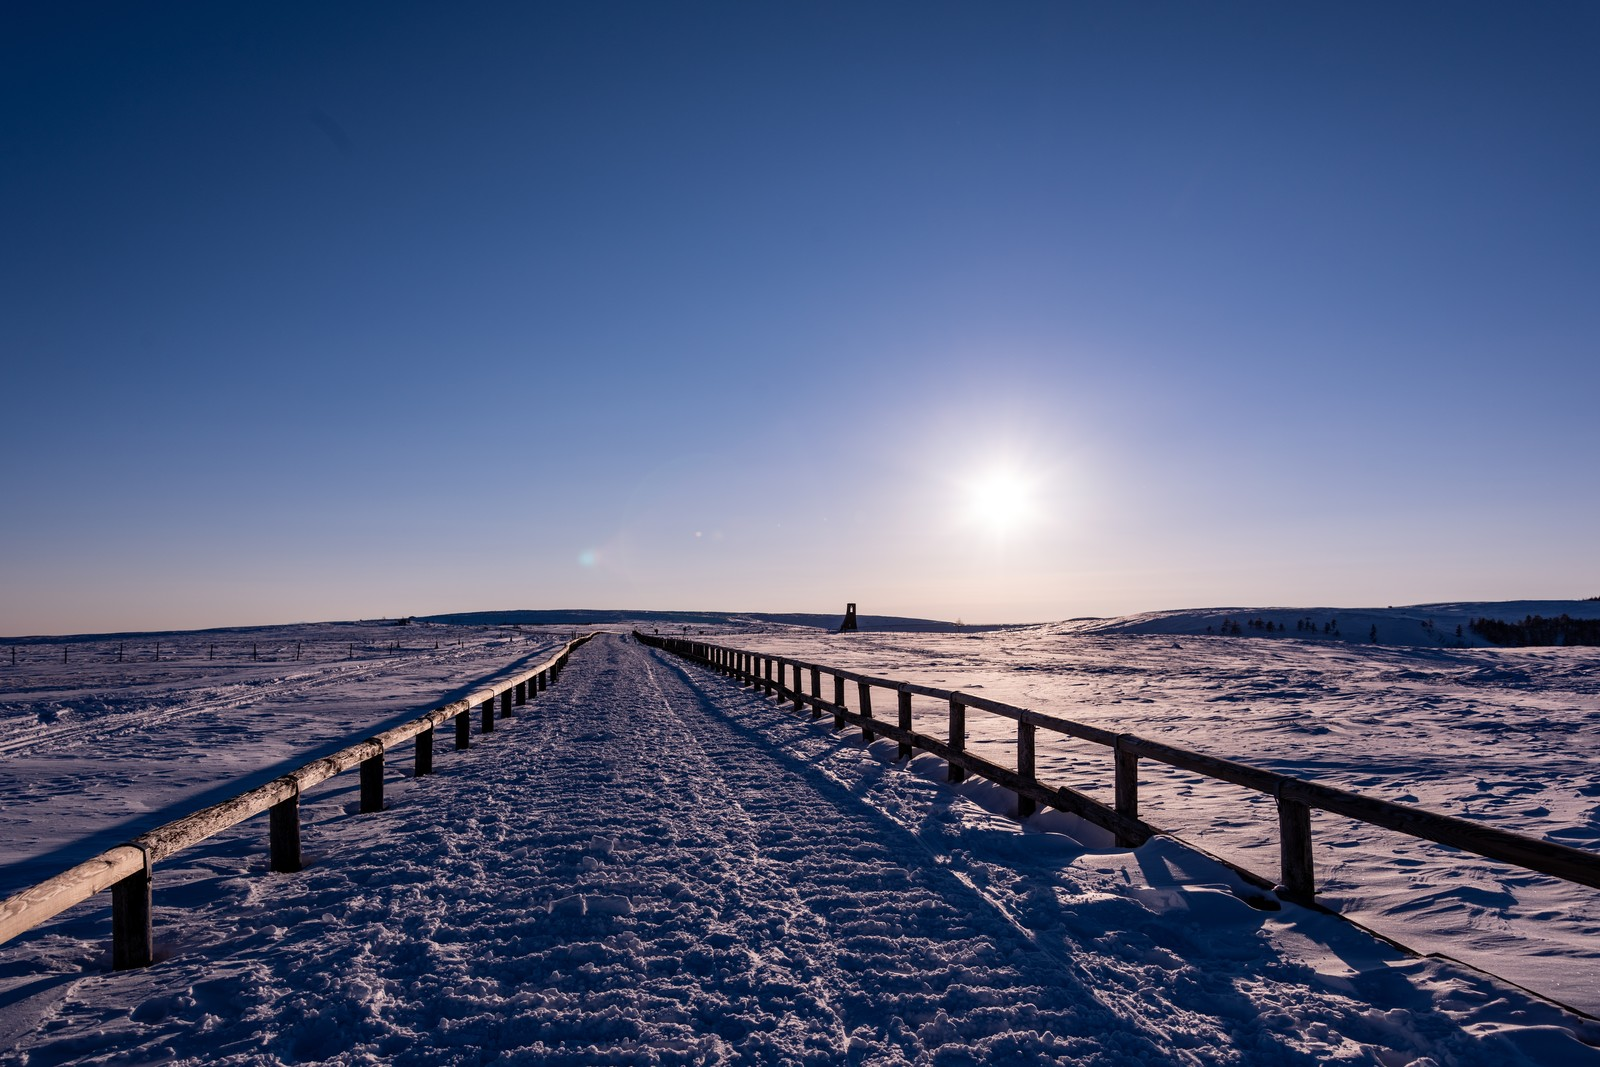 「どこまでも続く雪原の道」の写真